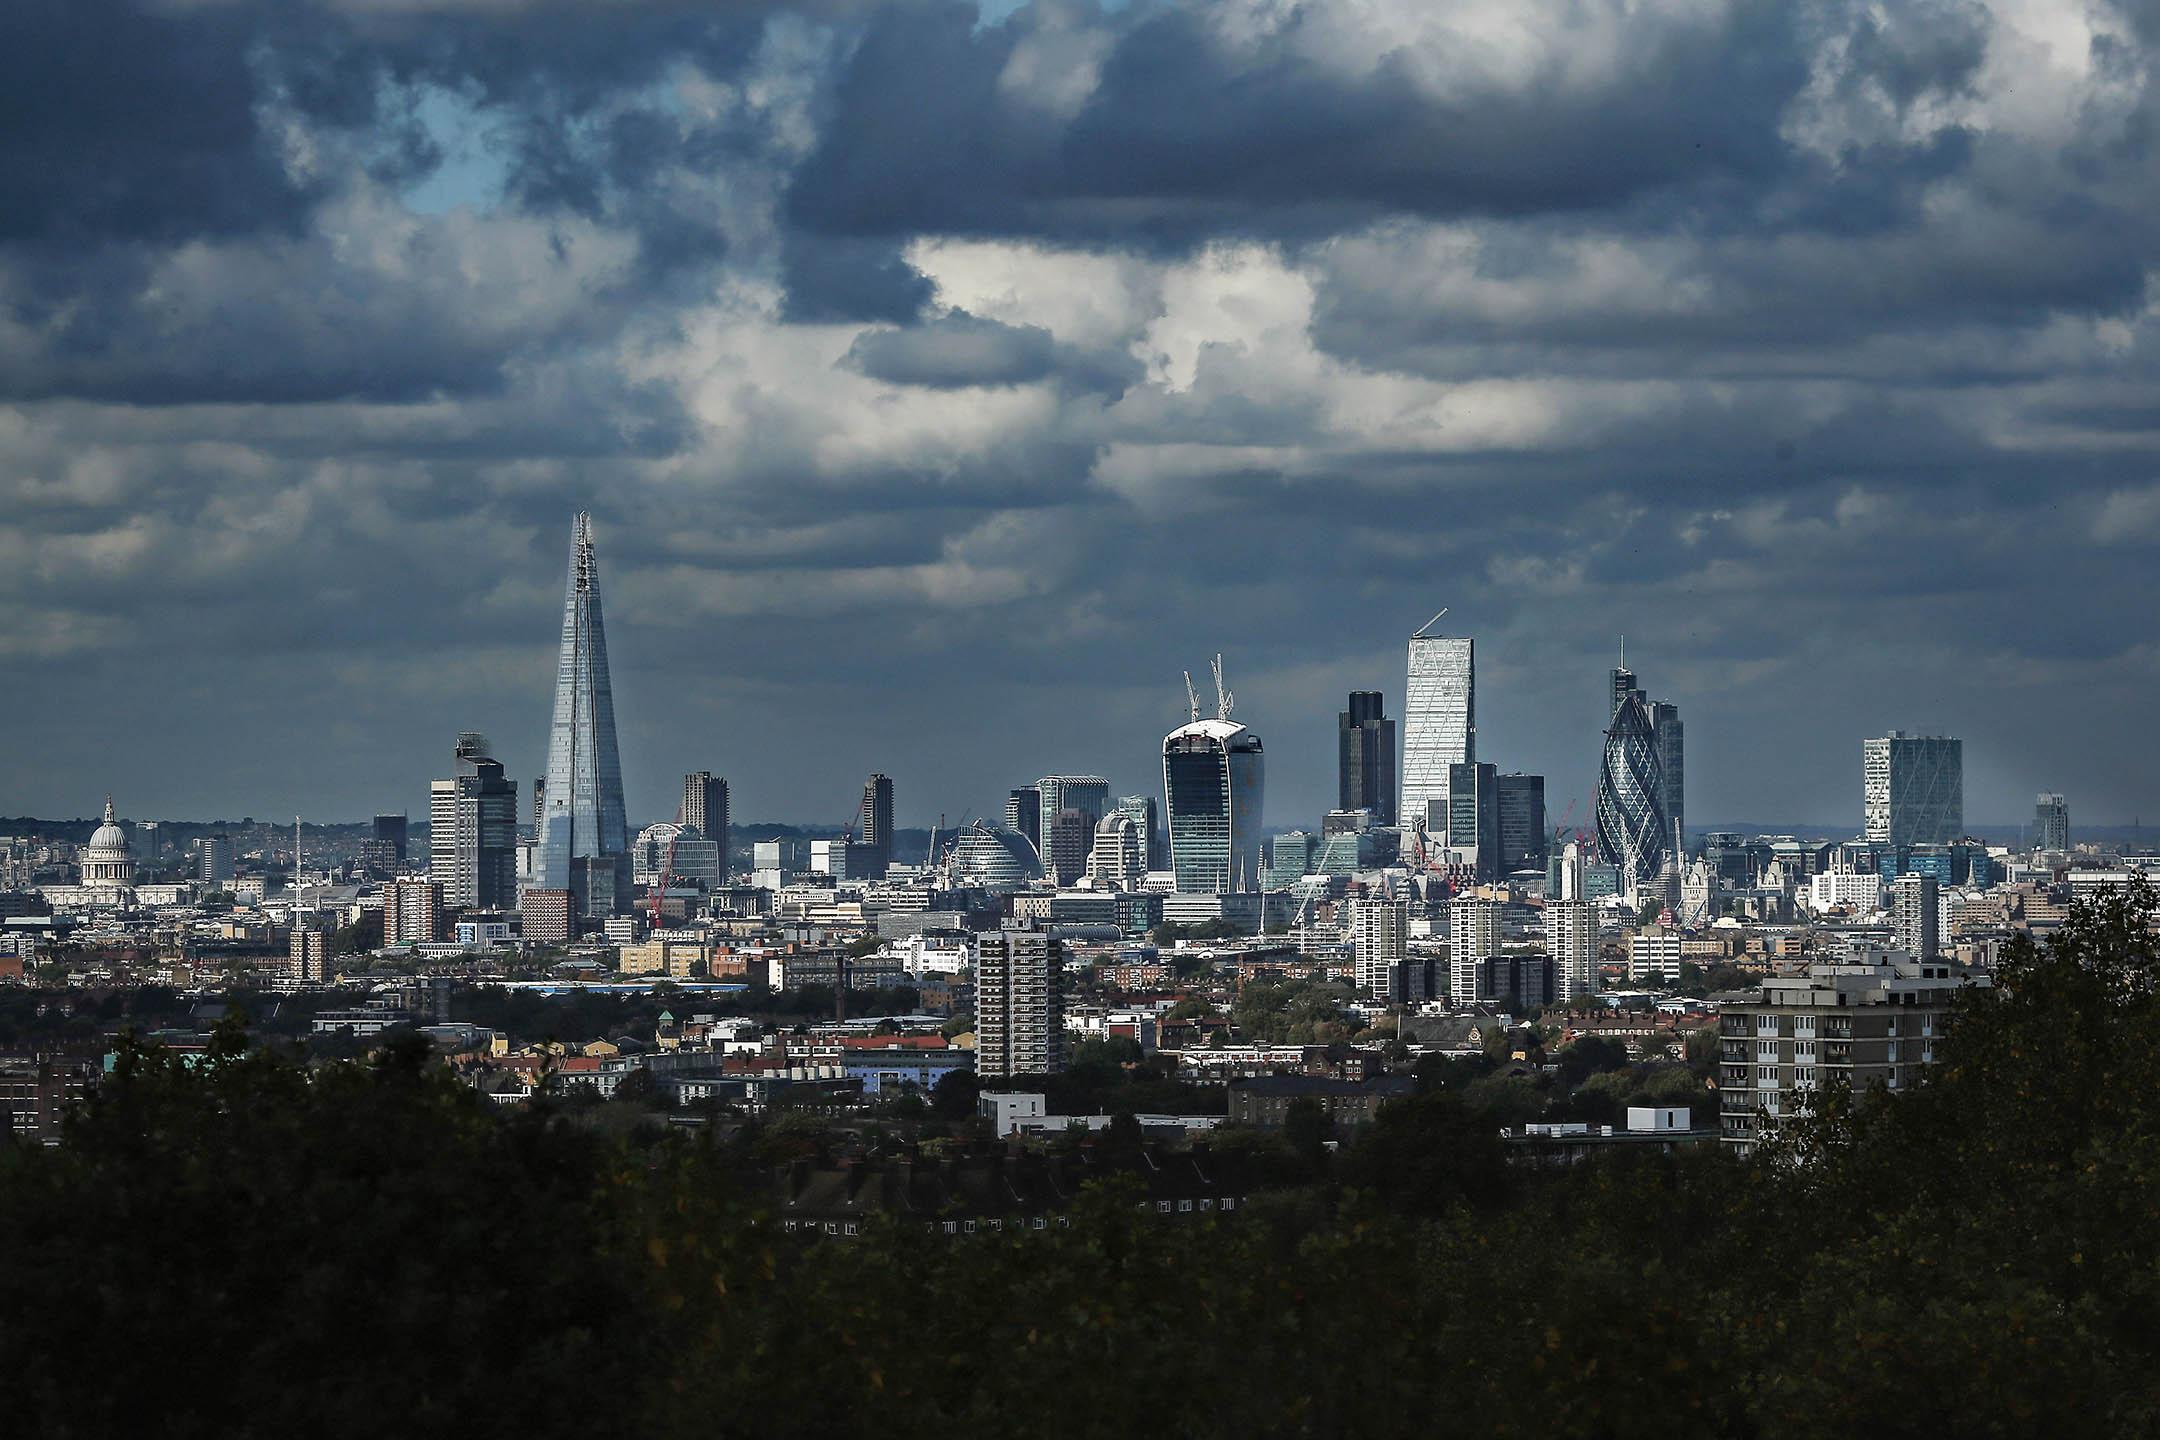 在19世紀末和20世紀初,新型自由主義(new liberalism)是最具原創性、社會意識和影響力的英國政治思想形式之一。 圖為英國倫敦。 攝:Dan Kitwood/Getty Images